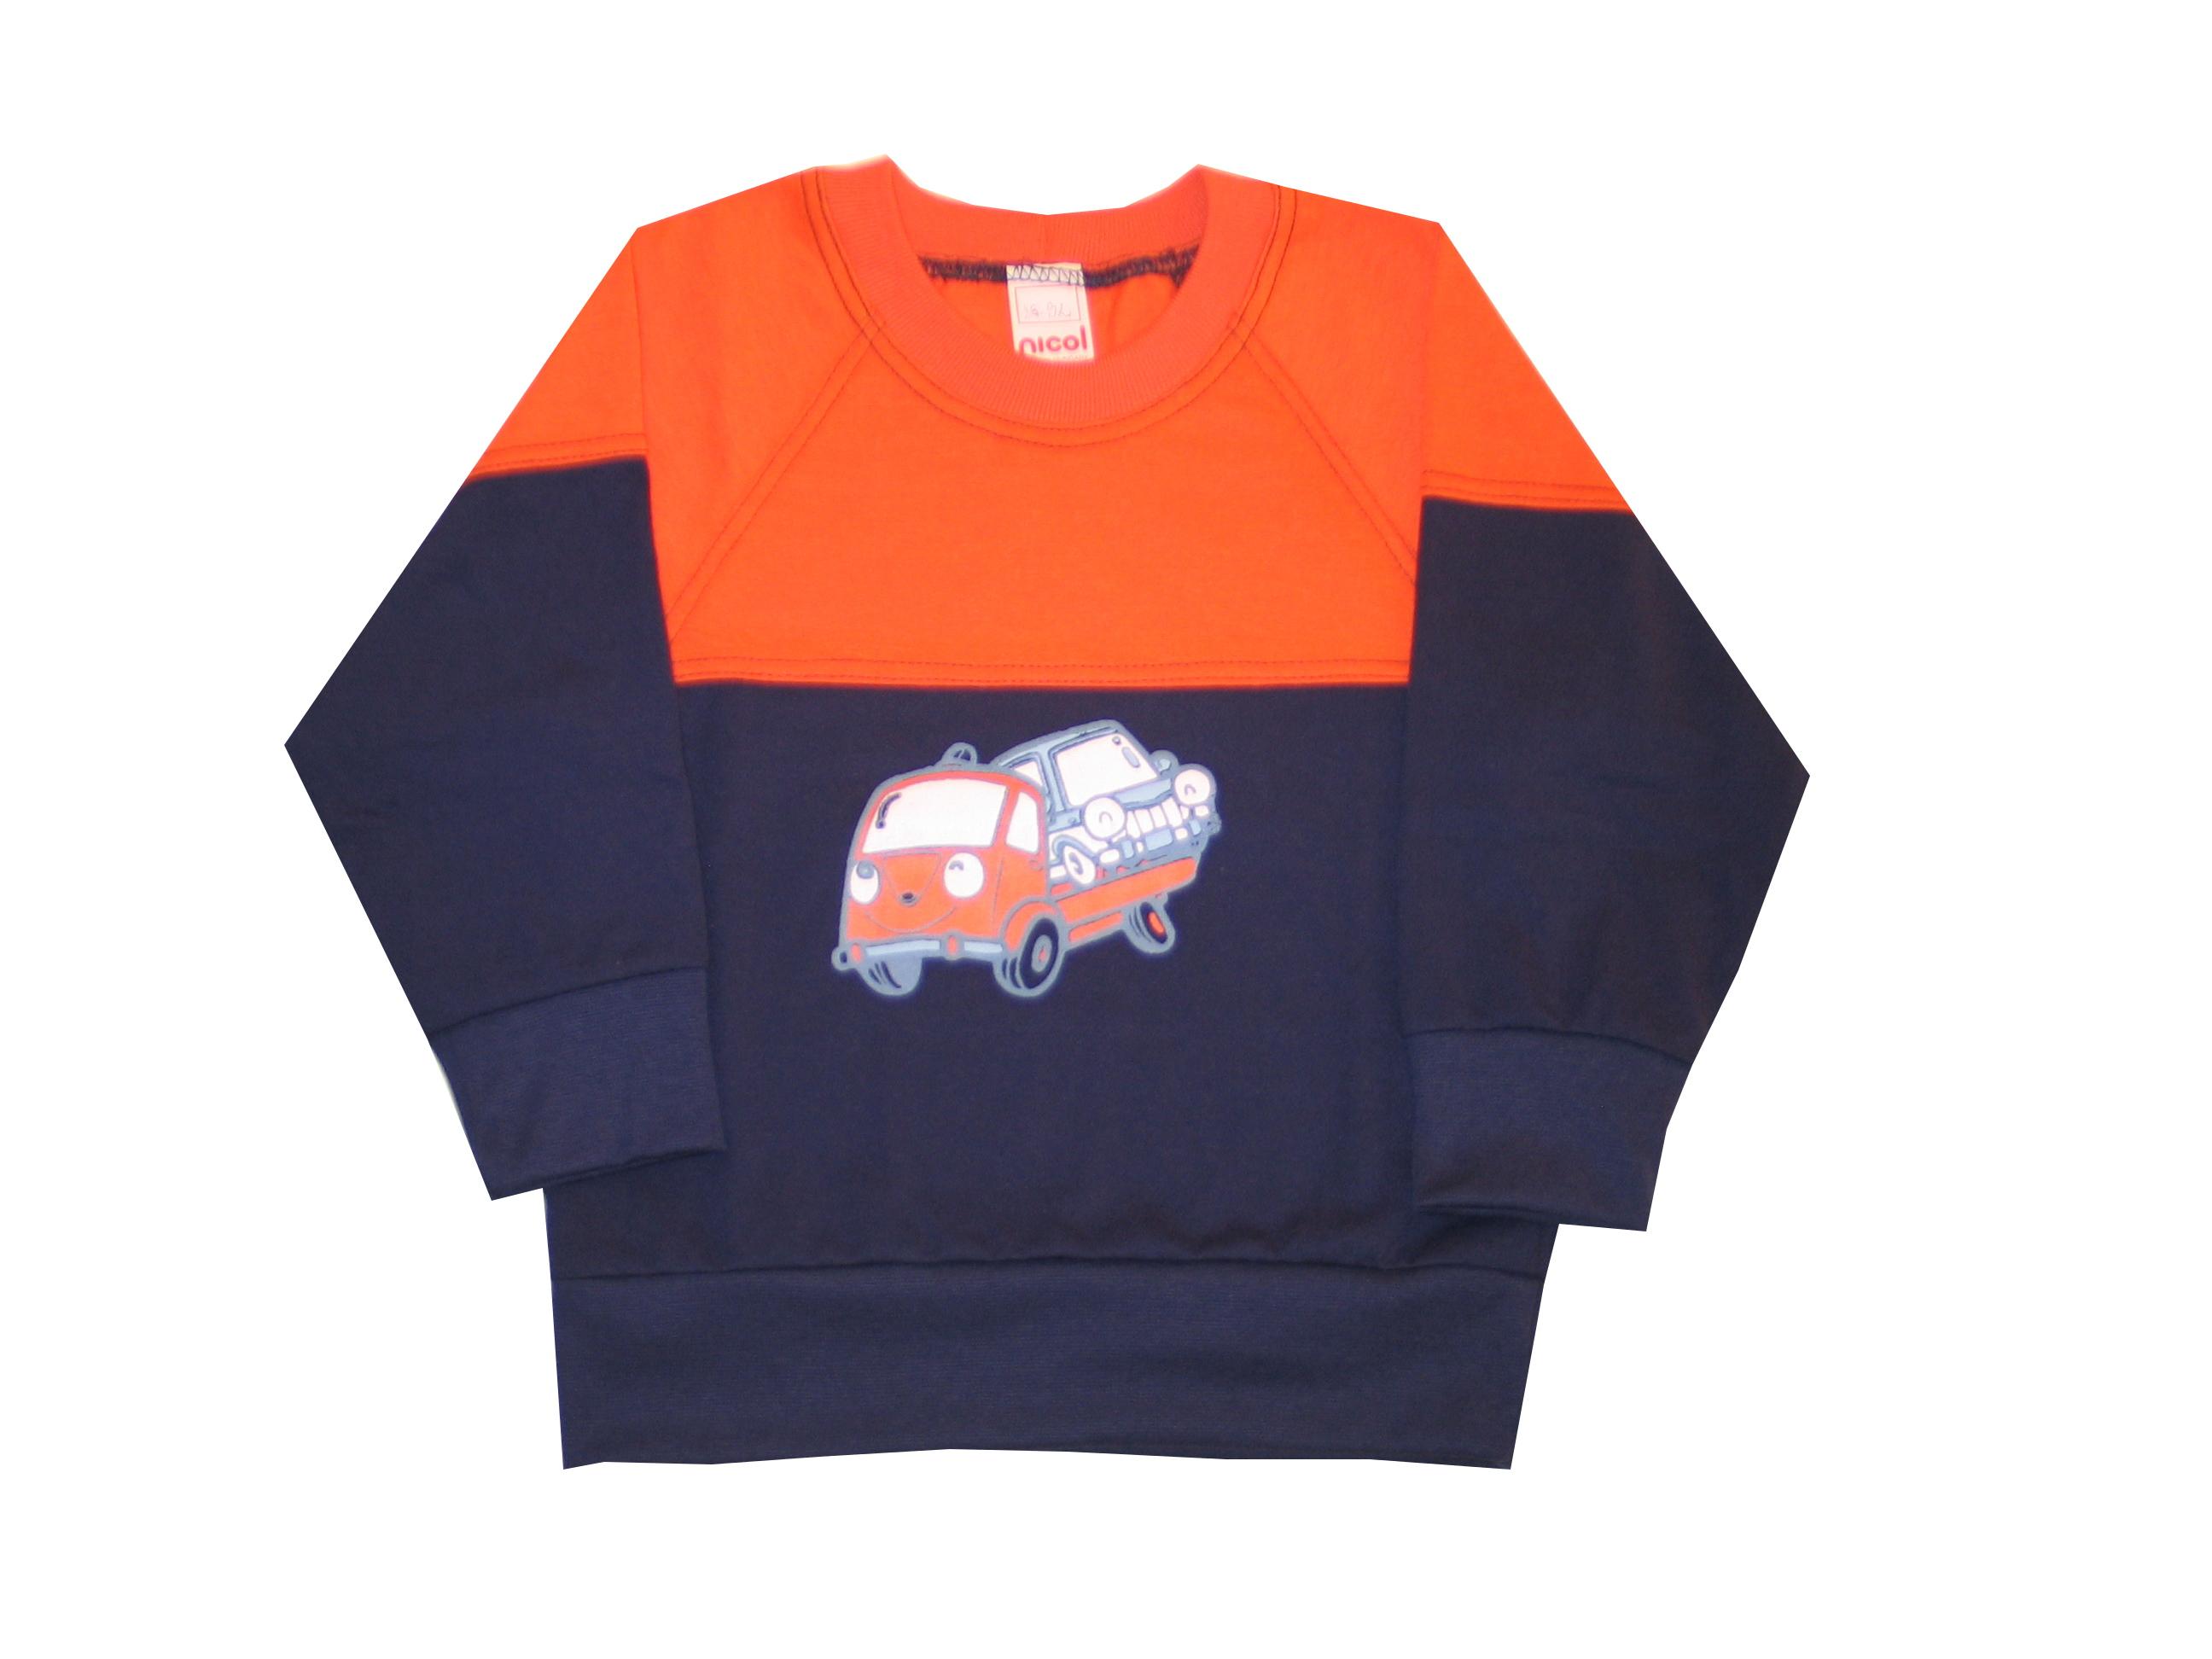 2eedd43622 Hosszú ujjú póló - Autók - Nicol Gyermekruha